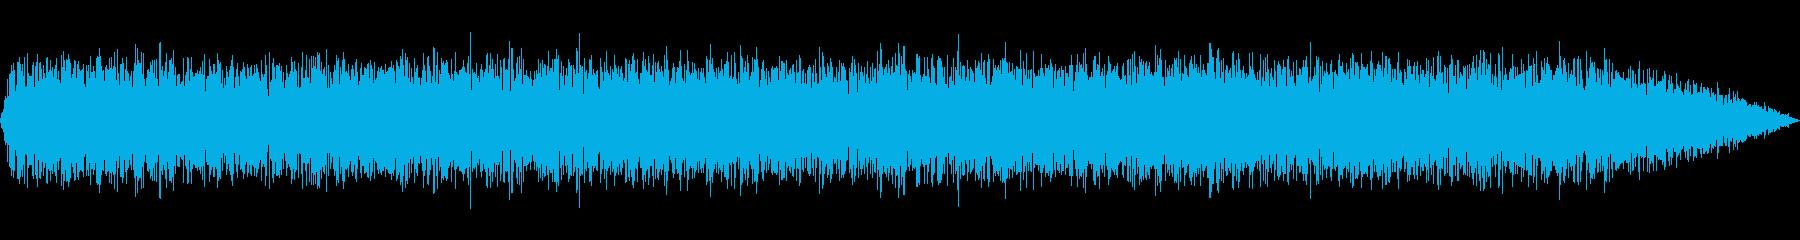 ゴゴゴゴゴゴゴゴの再生済みの波形